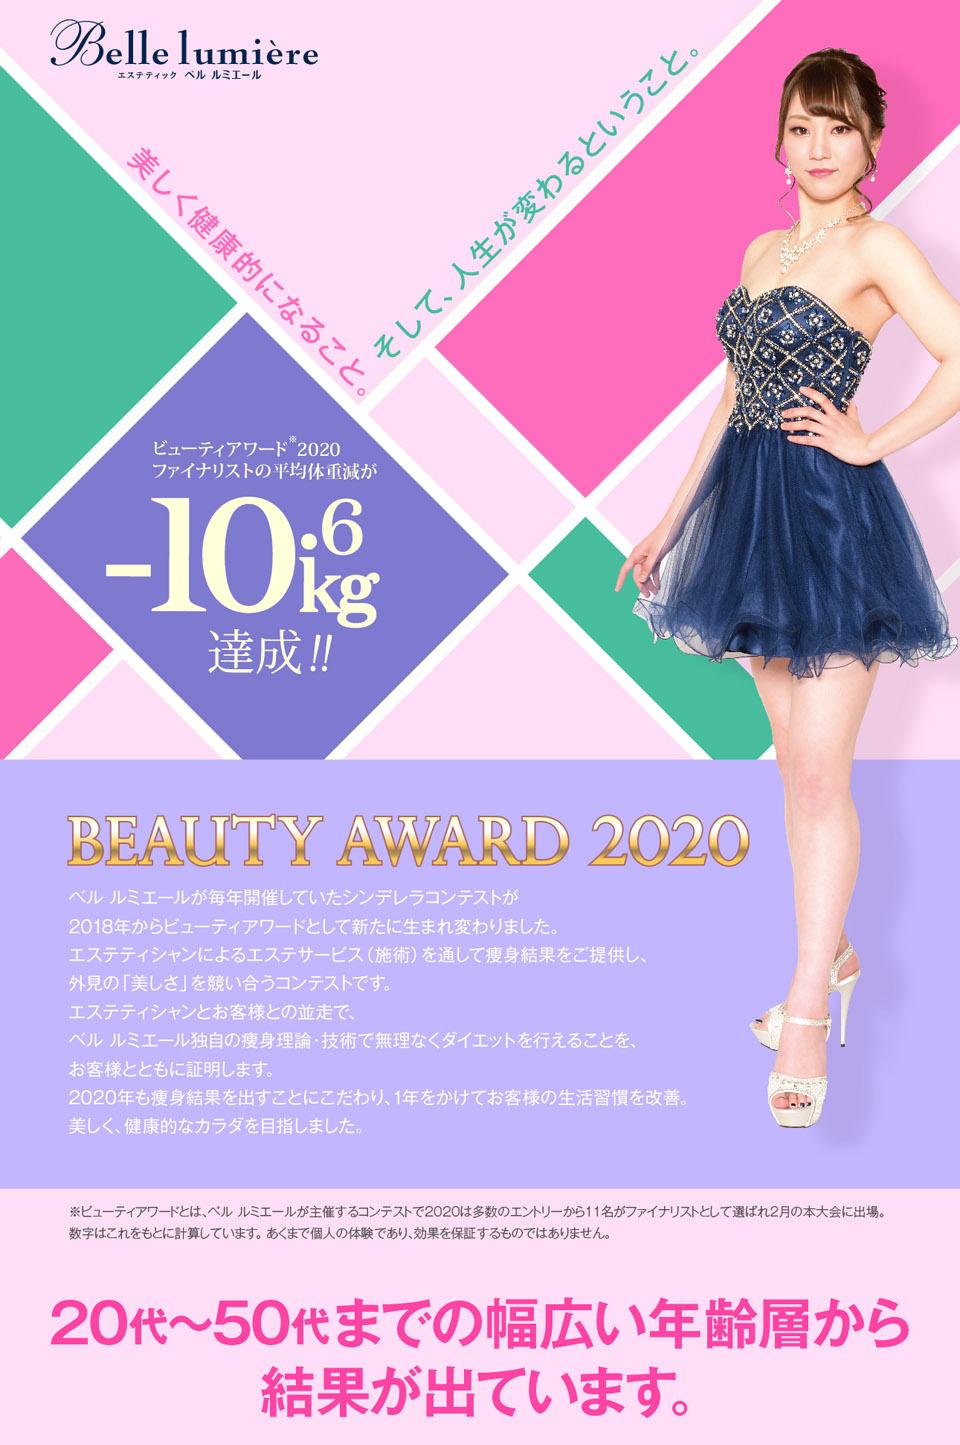 ベルルミエール エステ 2019結果発表 BeautyAward2019